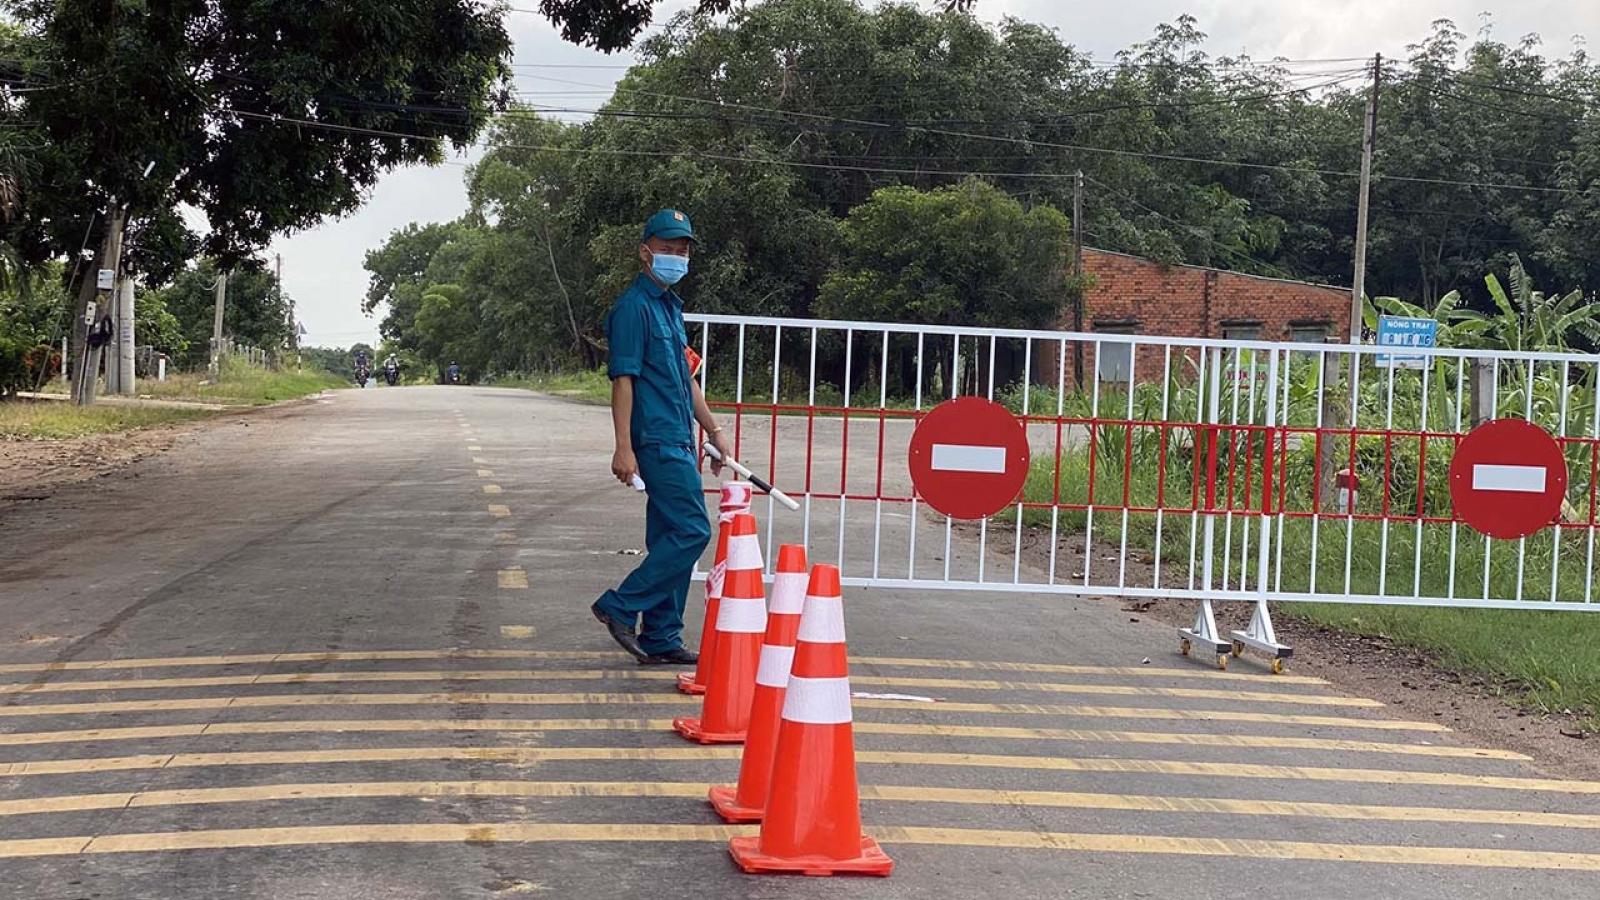 Số ca mắc Covid-19 tăng, Tây Ninh yêu cầu tăng cường biện pháp phòng, chống dịch